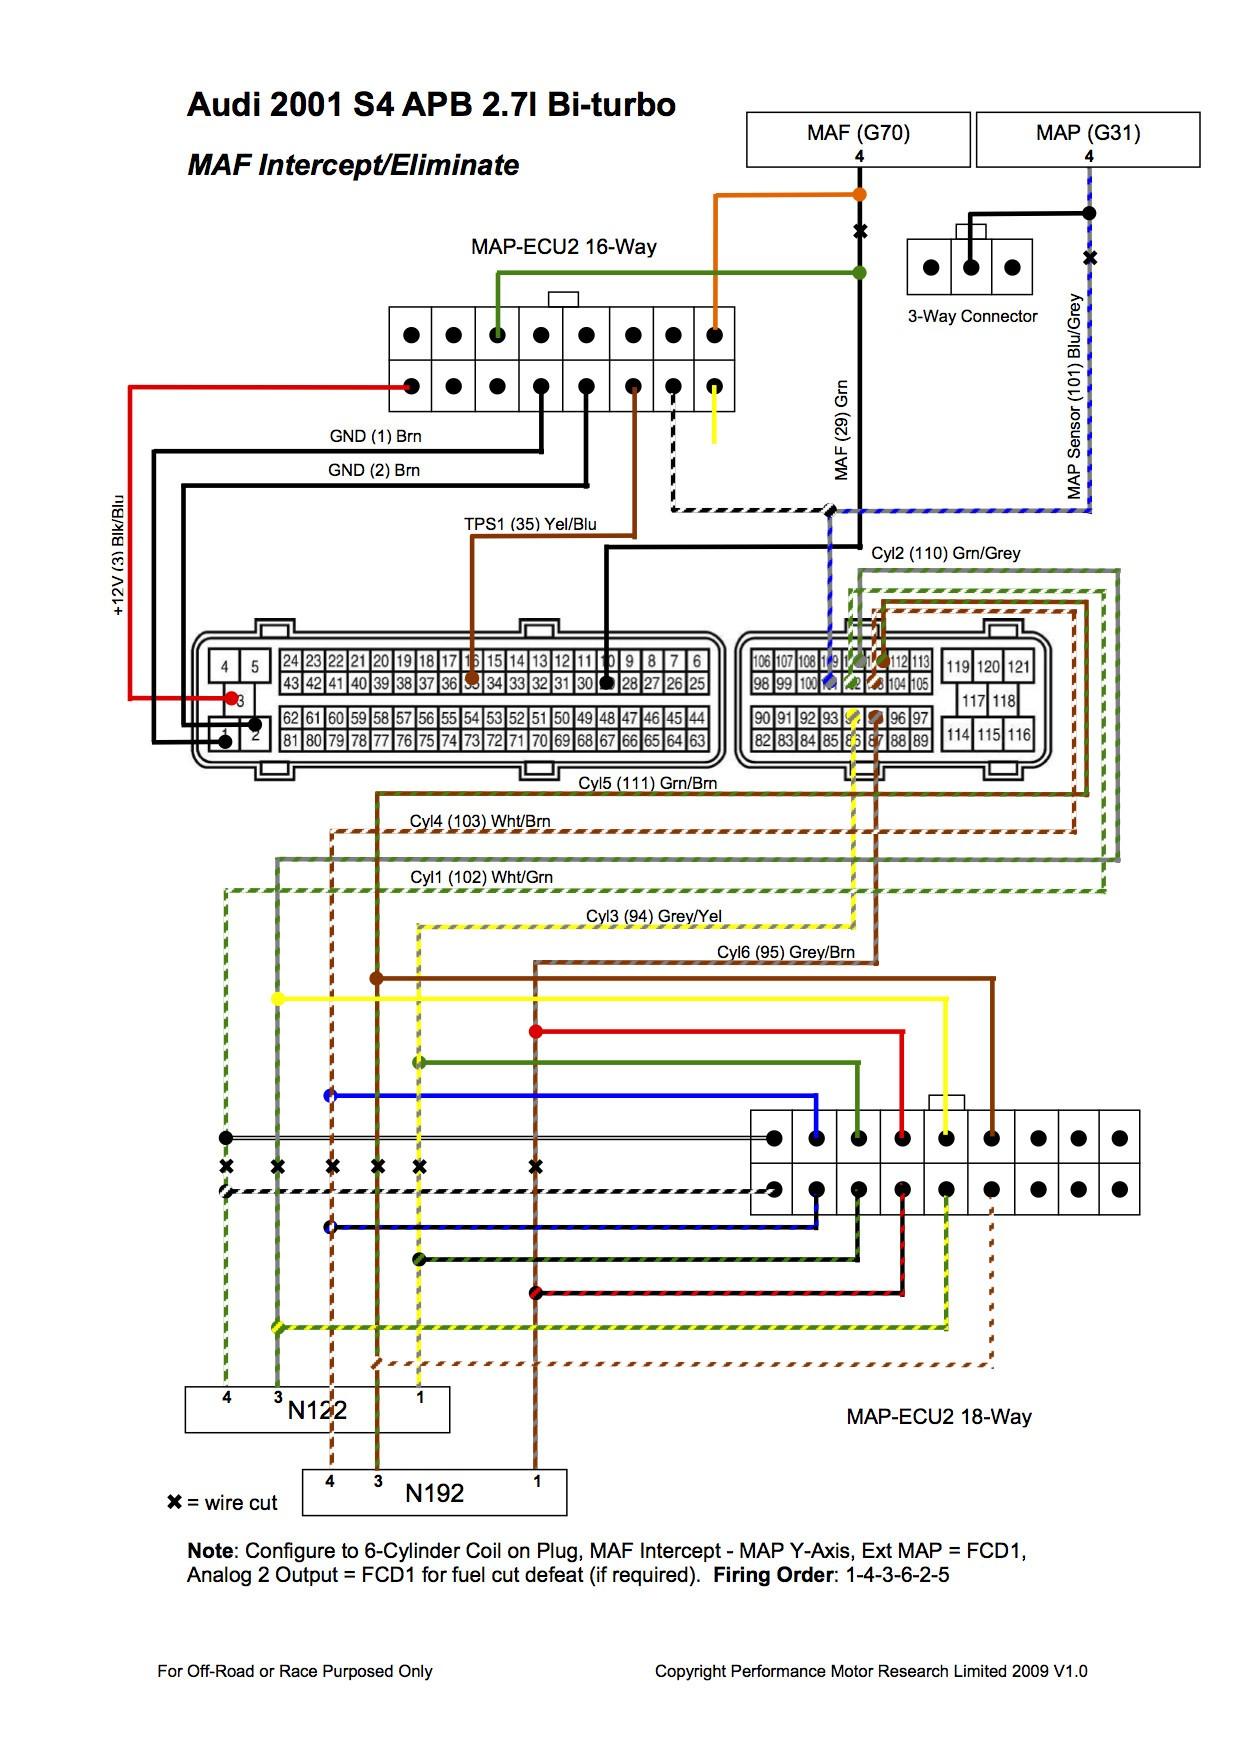 [SCHEMATICS_48DE]  AZ_7771] Radio Wiring Diagram Also Toyota Camry Wiring Diagram Also Toyota | 2002 Toyota Camry Radio Wiring Diagram |  | Garna Tixat Mohammedshrine Librar Wiring 101